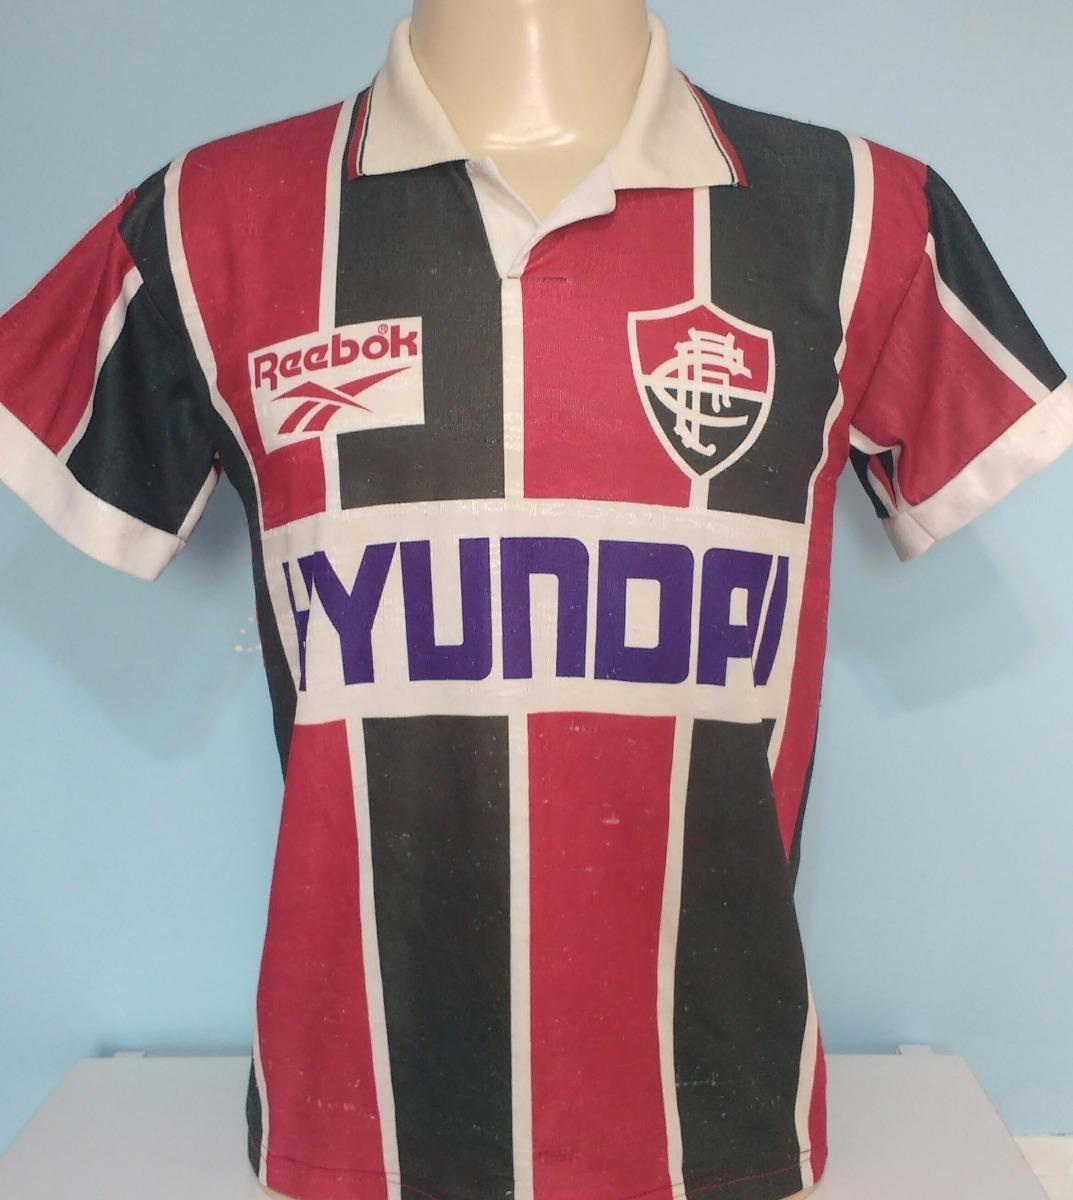 camisa fluminense campeão carioca 1995 original reebok - 95. Carregando  zoom. ac9f2edffbc0d